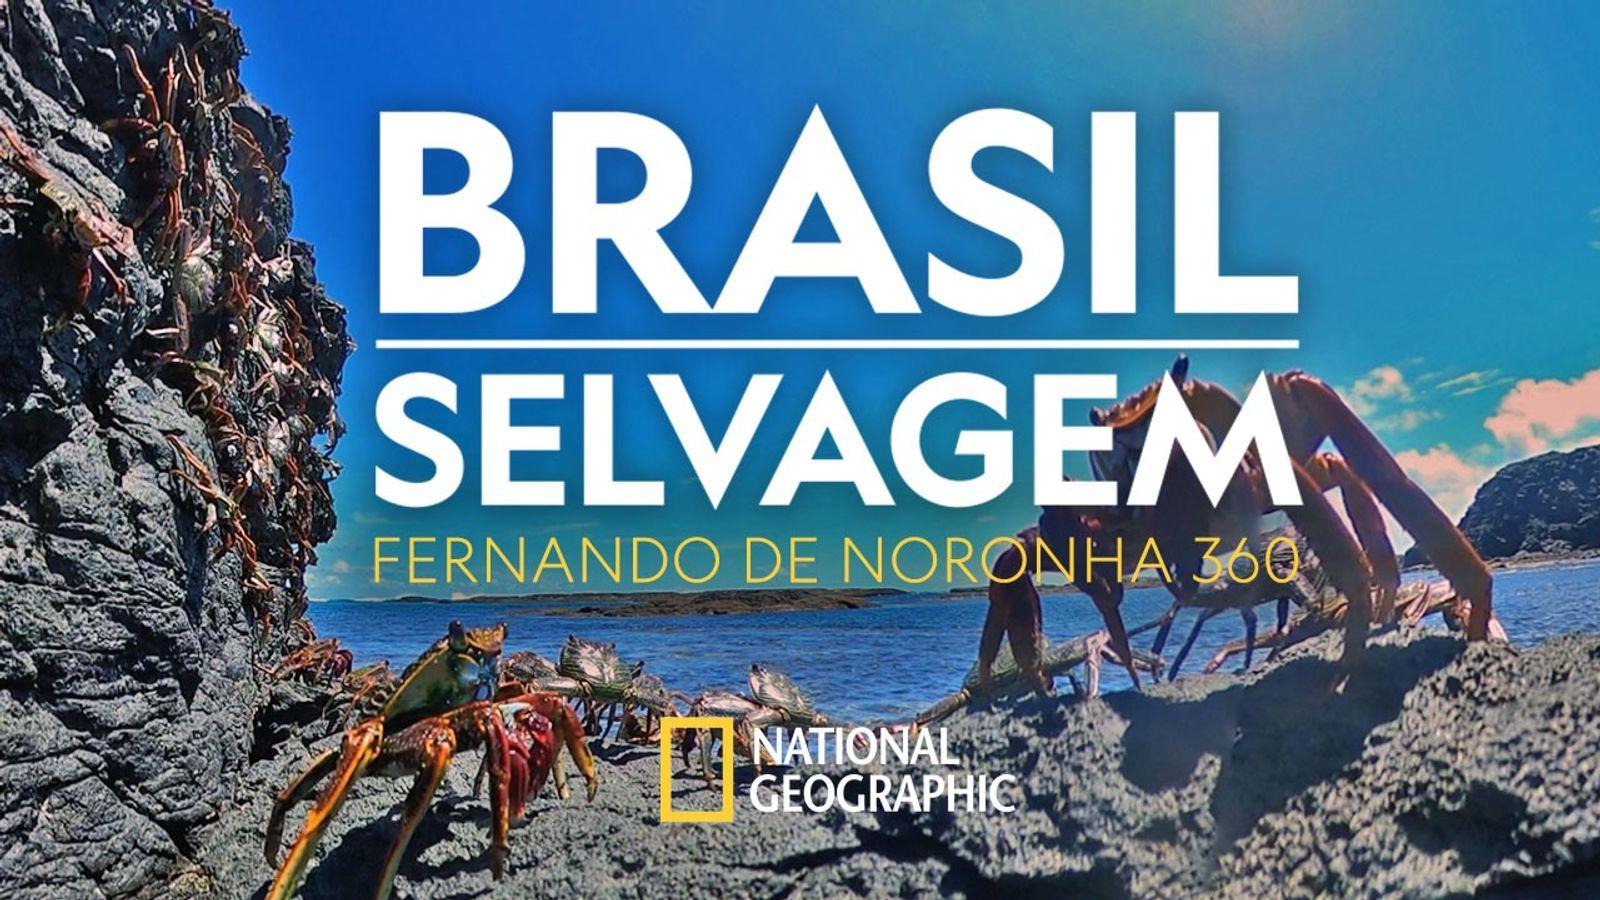 brasil-selvagem-fernando-de-noronha-360